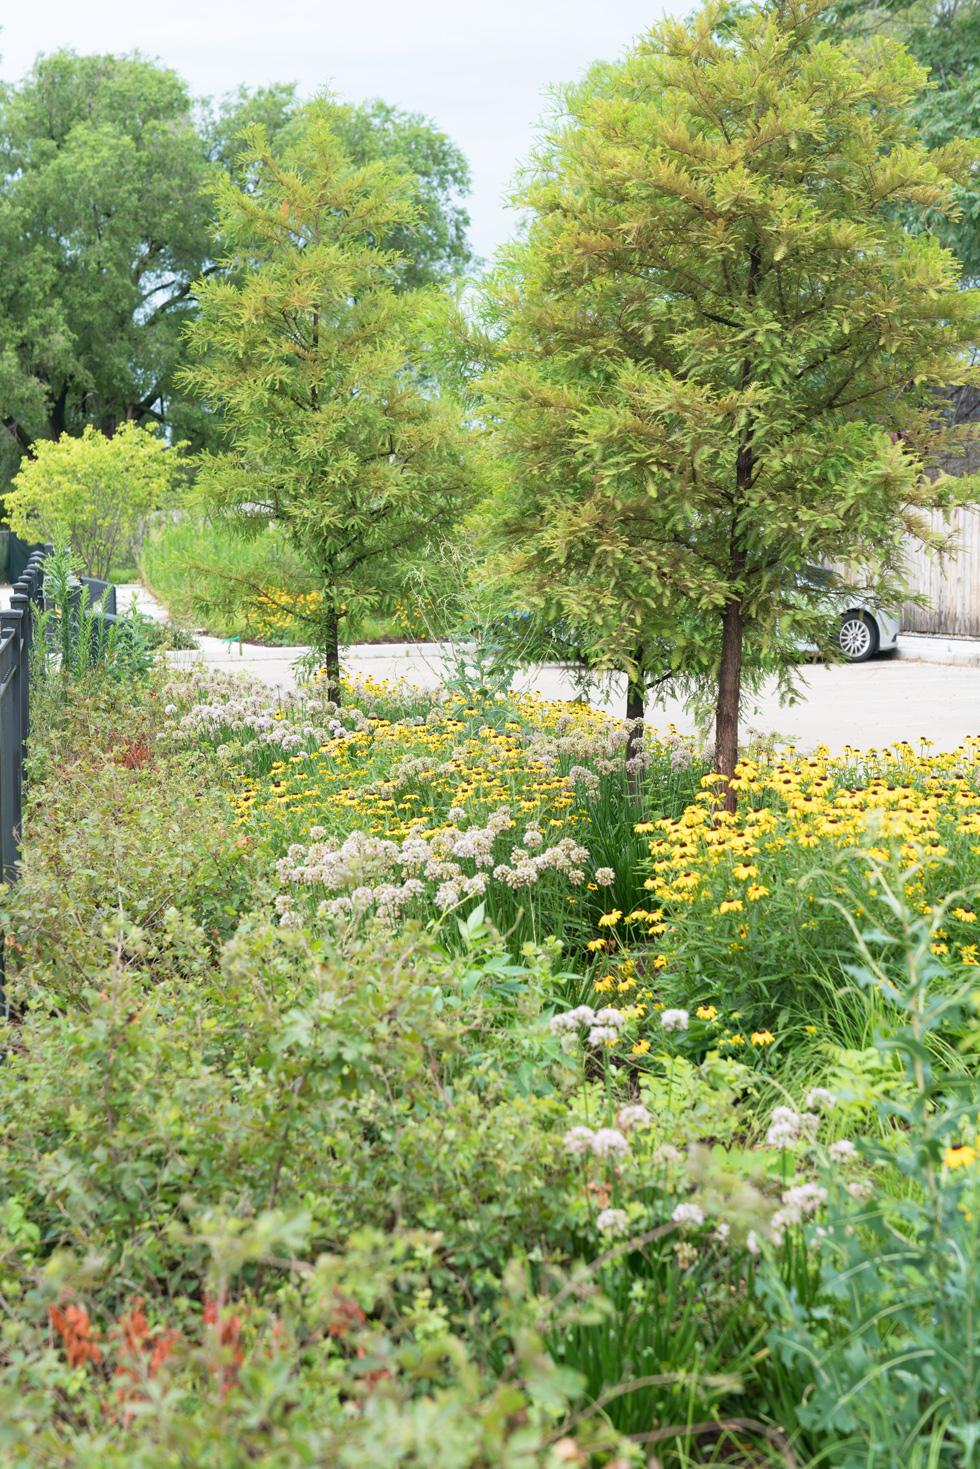 Casa queretaro pilsen chicago affordable housing for Garden design group